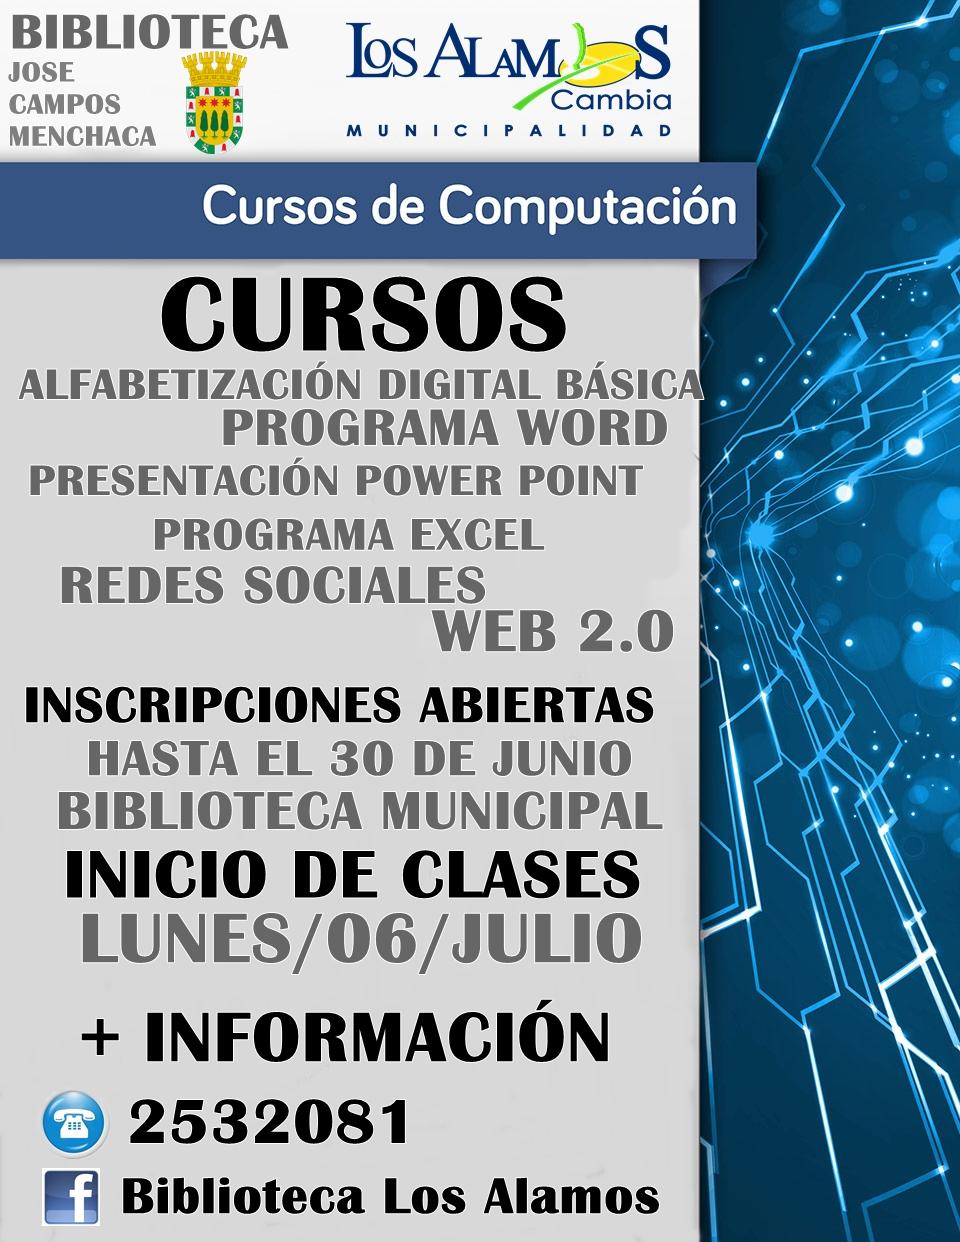 Municipalidad los alamos for Municipalidad de avellaneda cursos